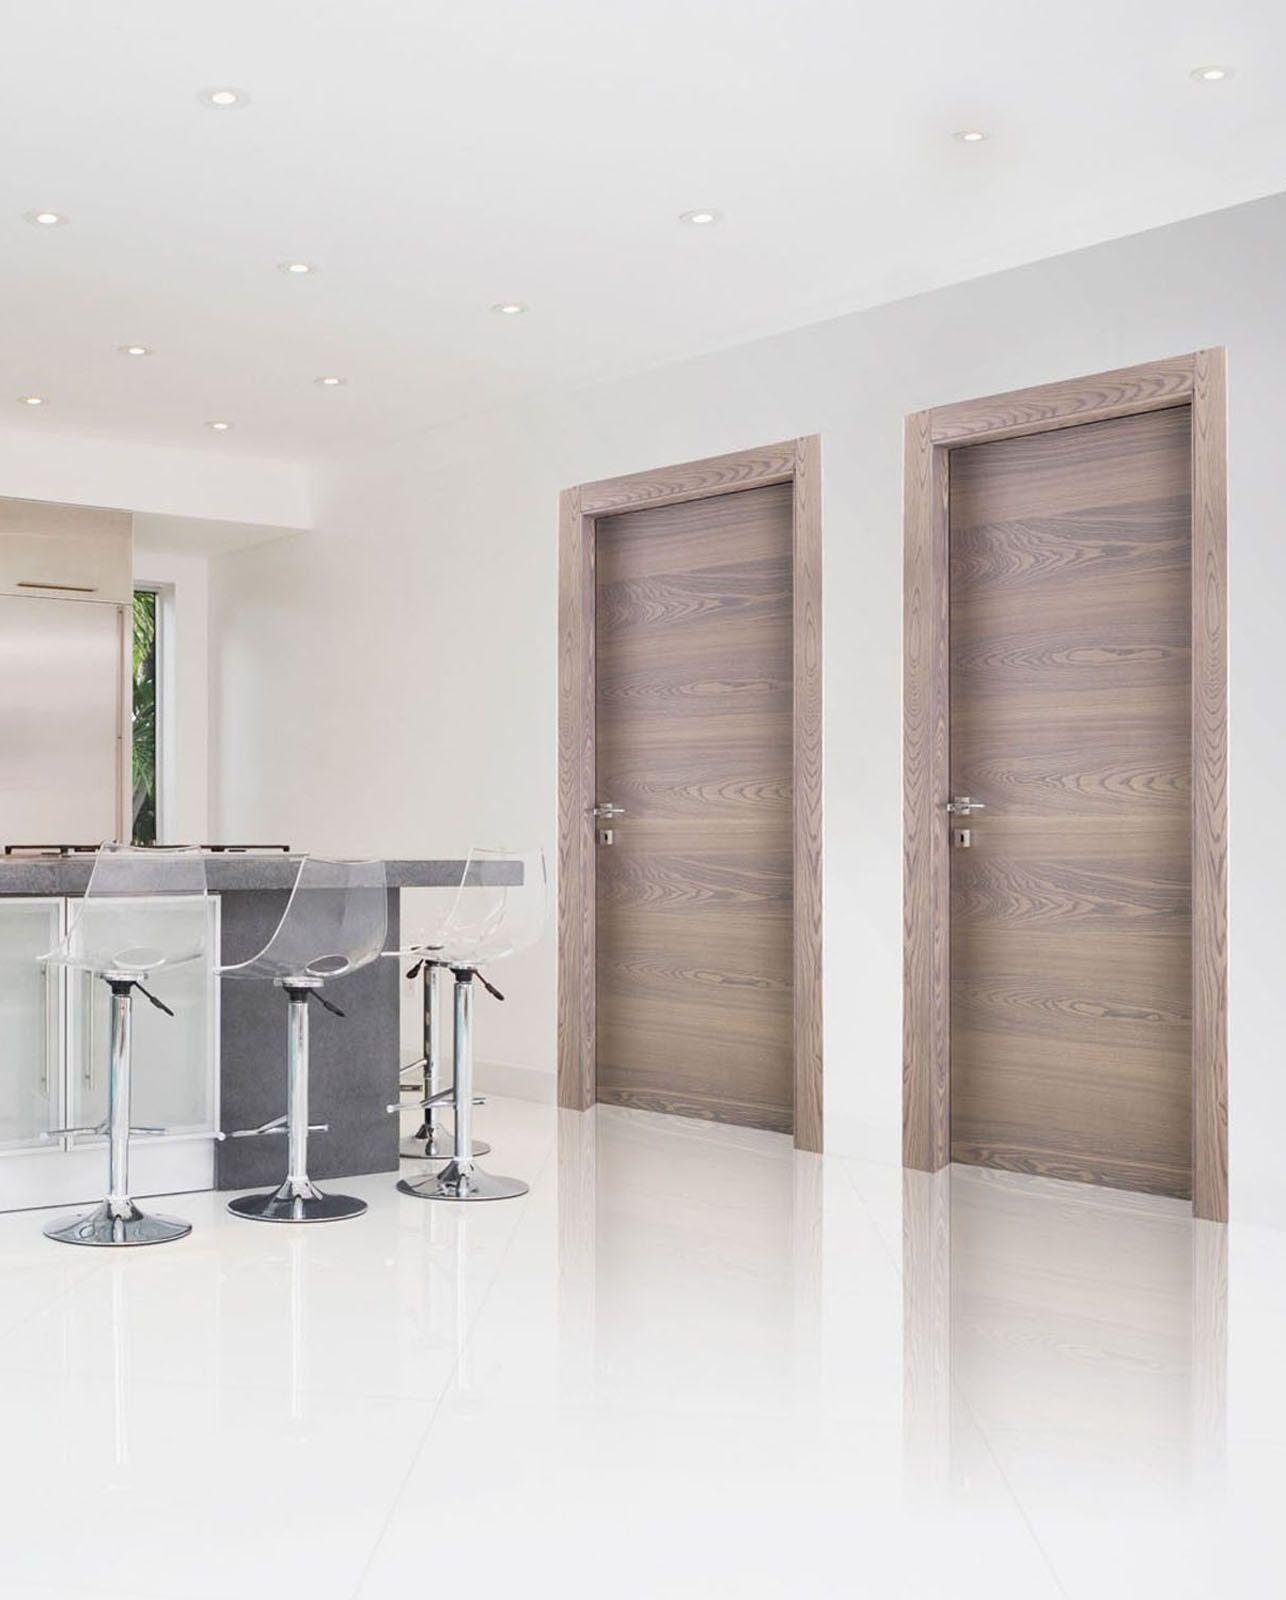 Porte e arredo i consigli su come abbinare stili e rifiniture arredamento casa decor room - Abbinare pavimento e mobili ...